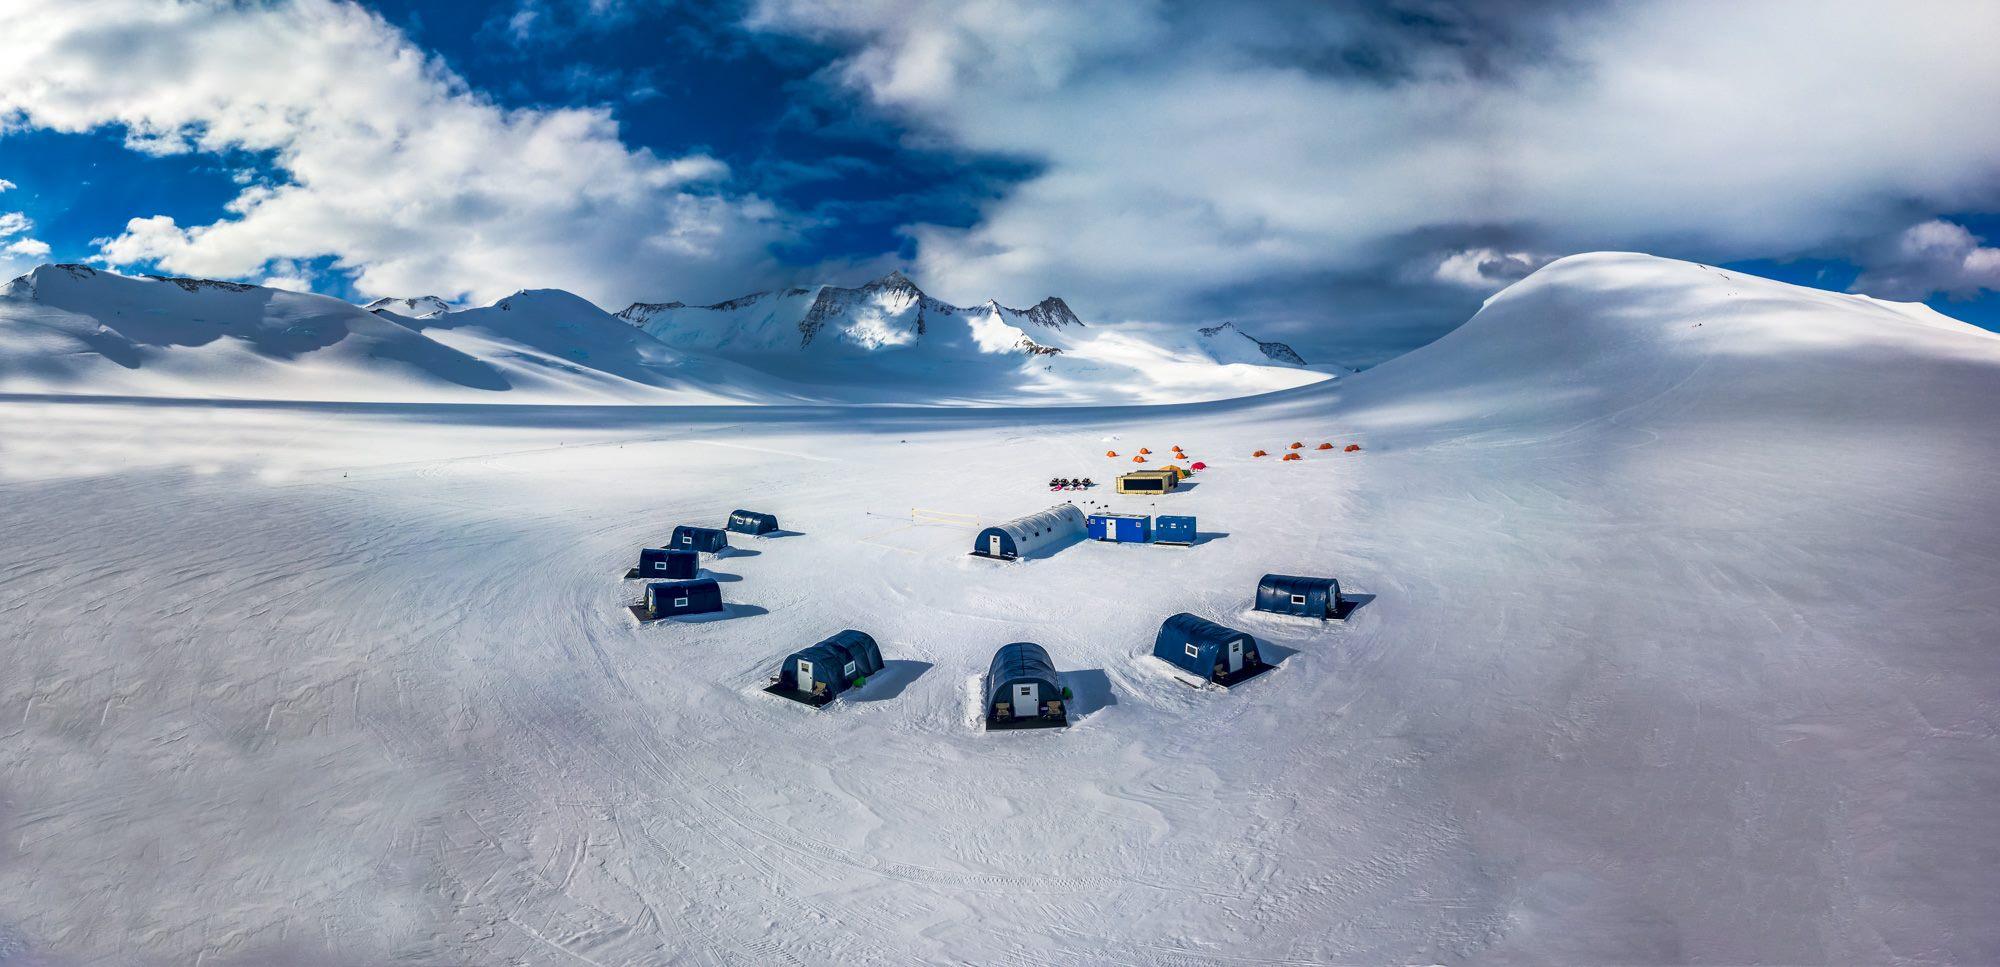 Антарктический кемпинг стоимостью $300 000 в неделю!